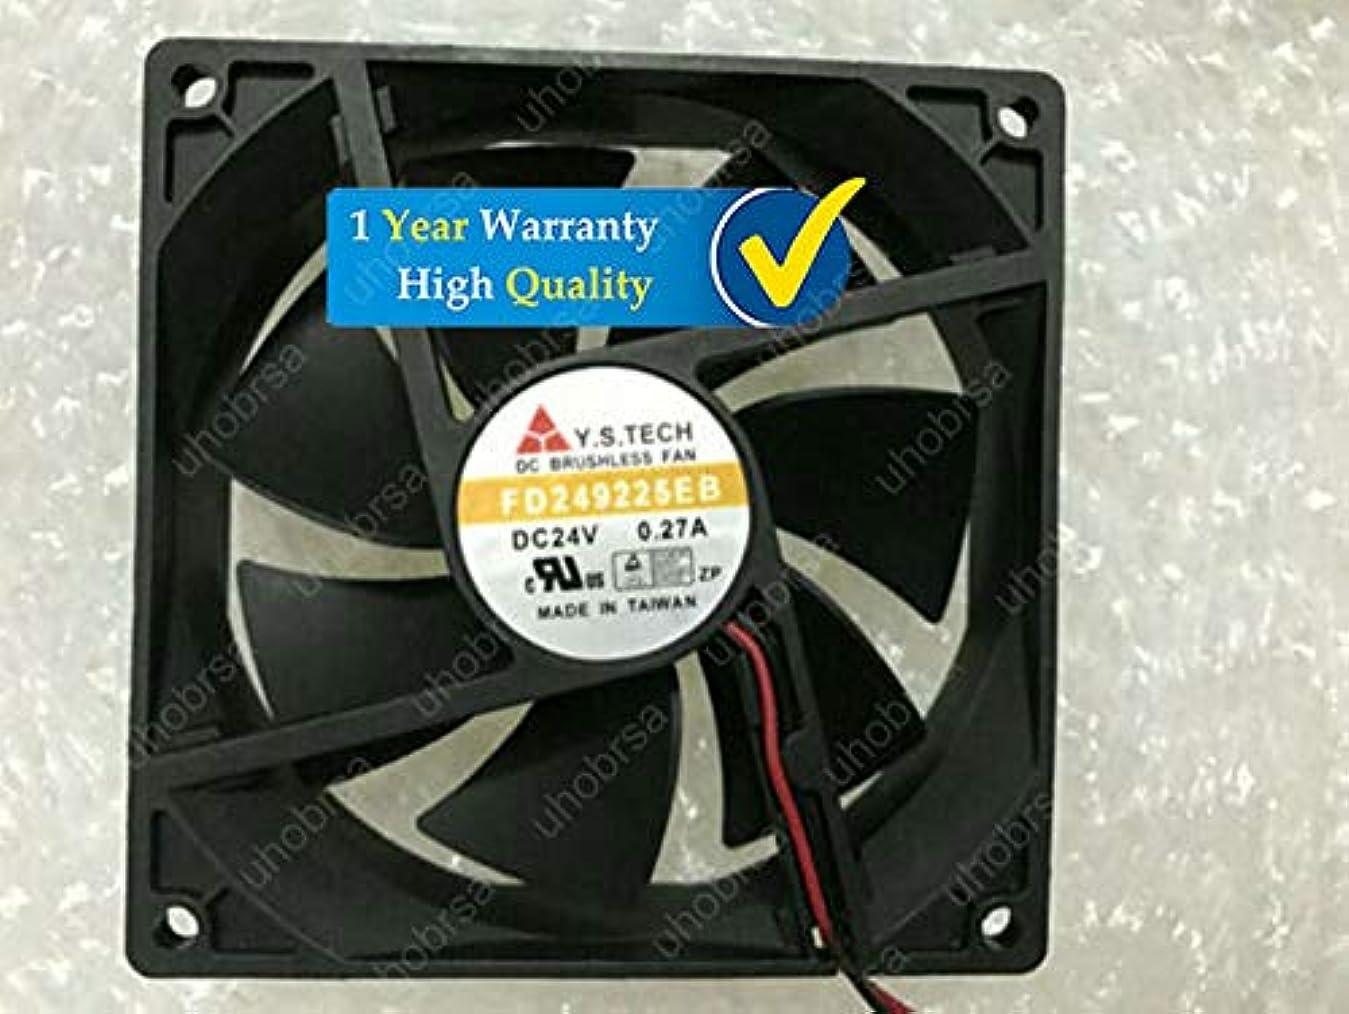 方法ラッドヤードキップリング授業料UHOBRSA 互換性があります Y.S.TECH FD249225EB DC24V 0.27A 90*90*25MM 9CM 2Pin 冷却ファン と